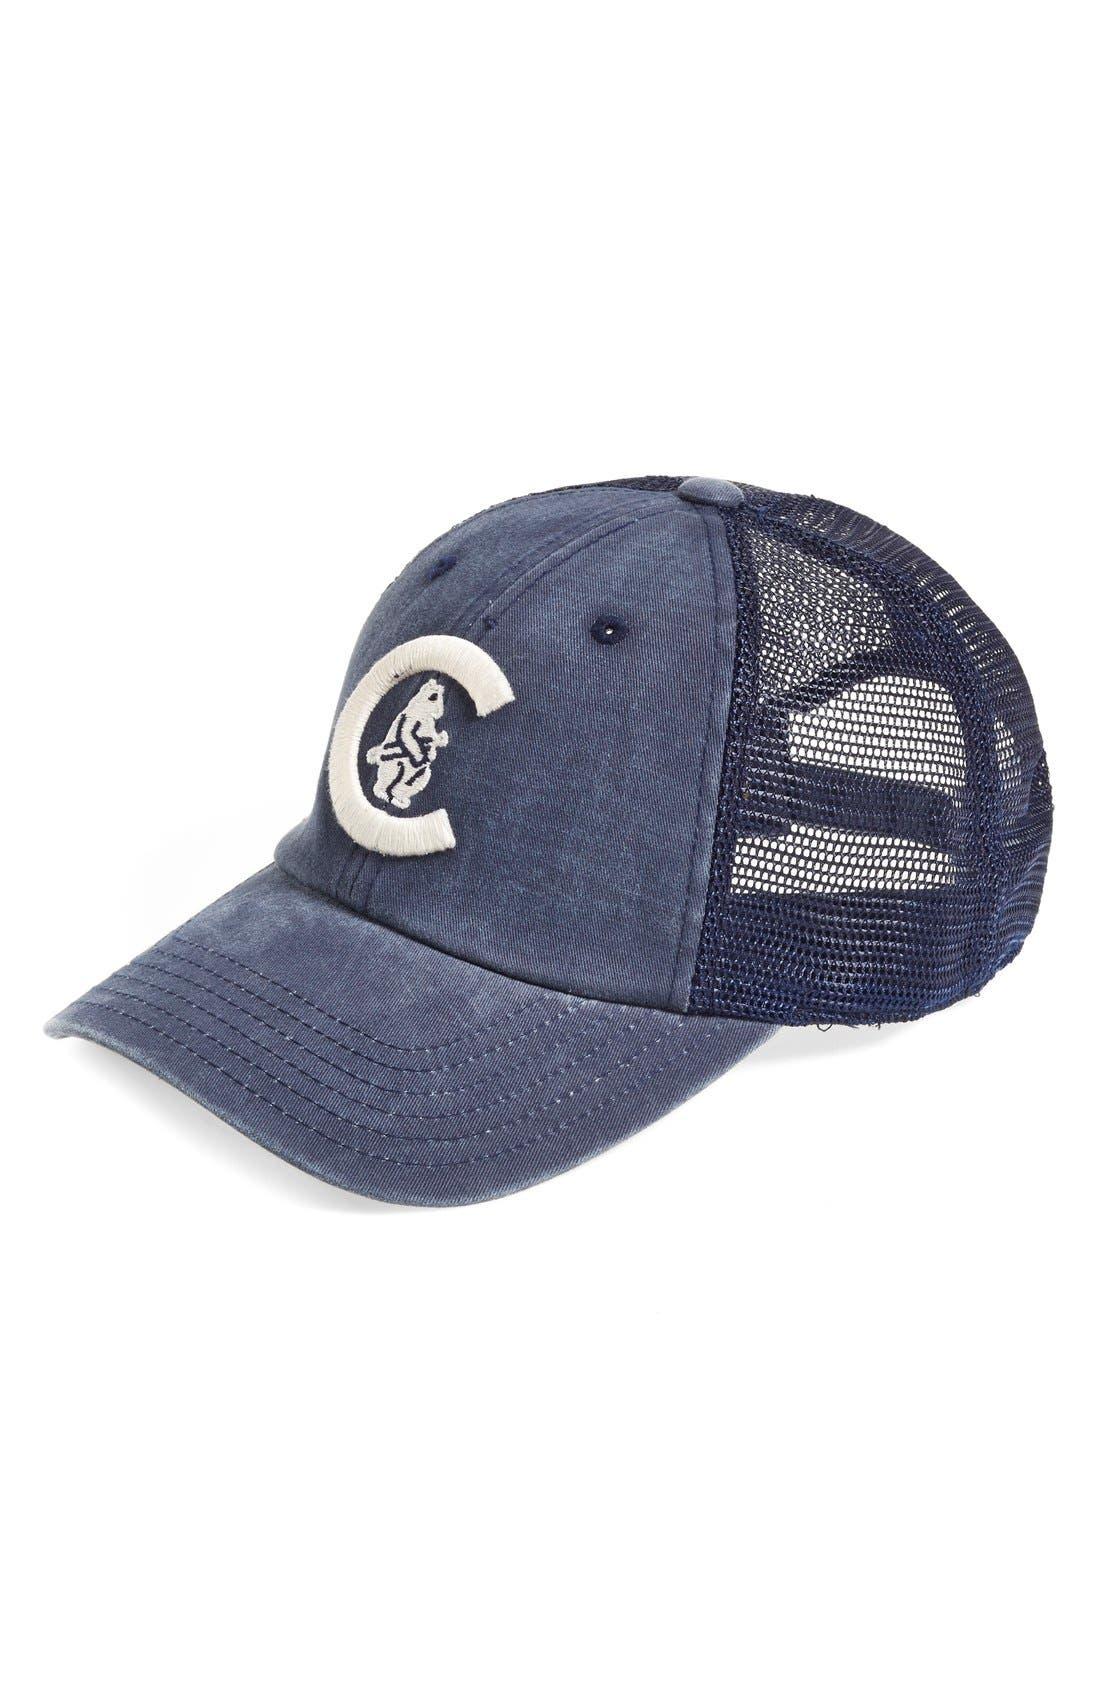 AMERICAN NEEDLE Chicago Cubs - Raglan Bones Mesh Trucker Cap